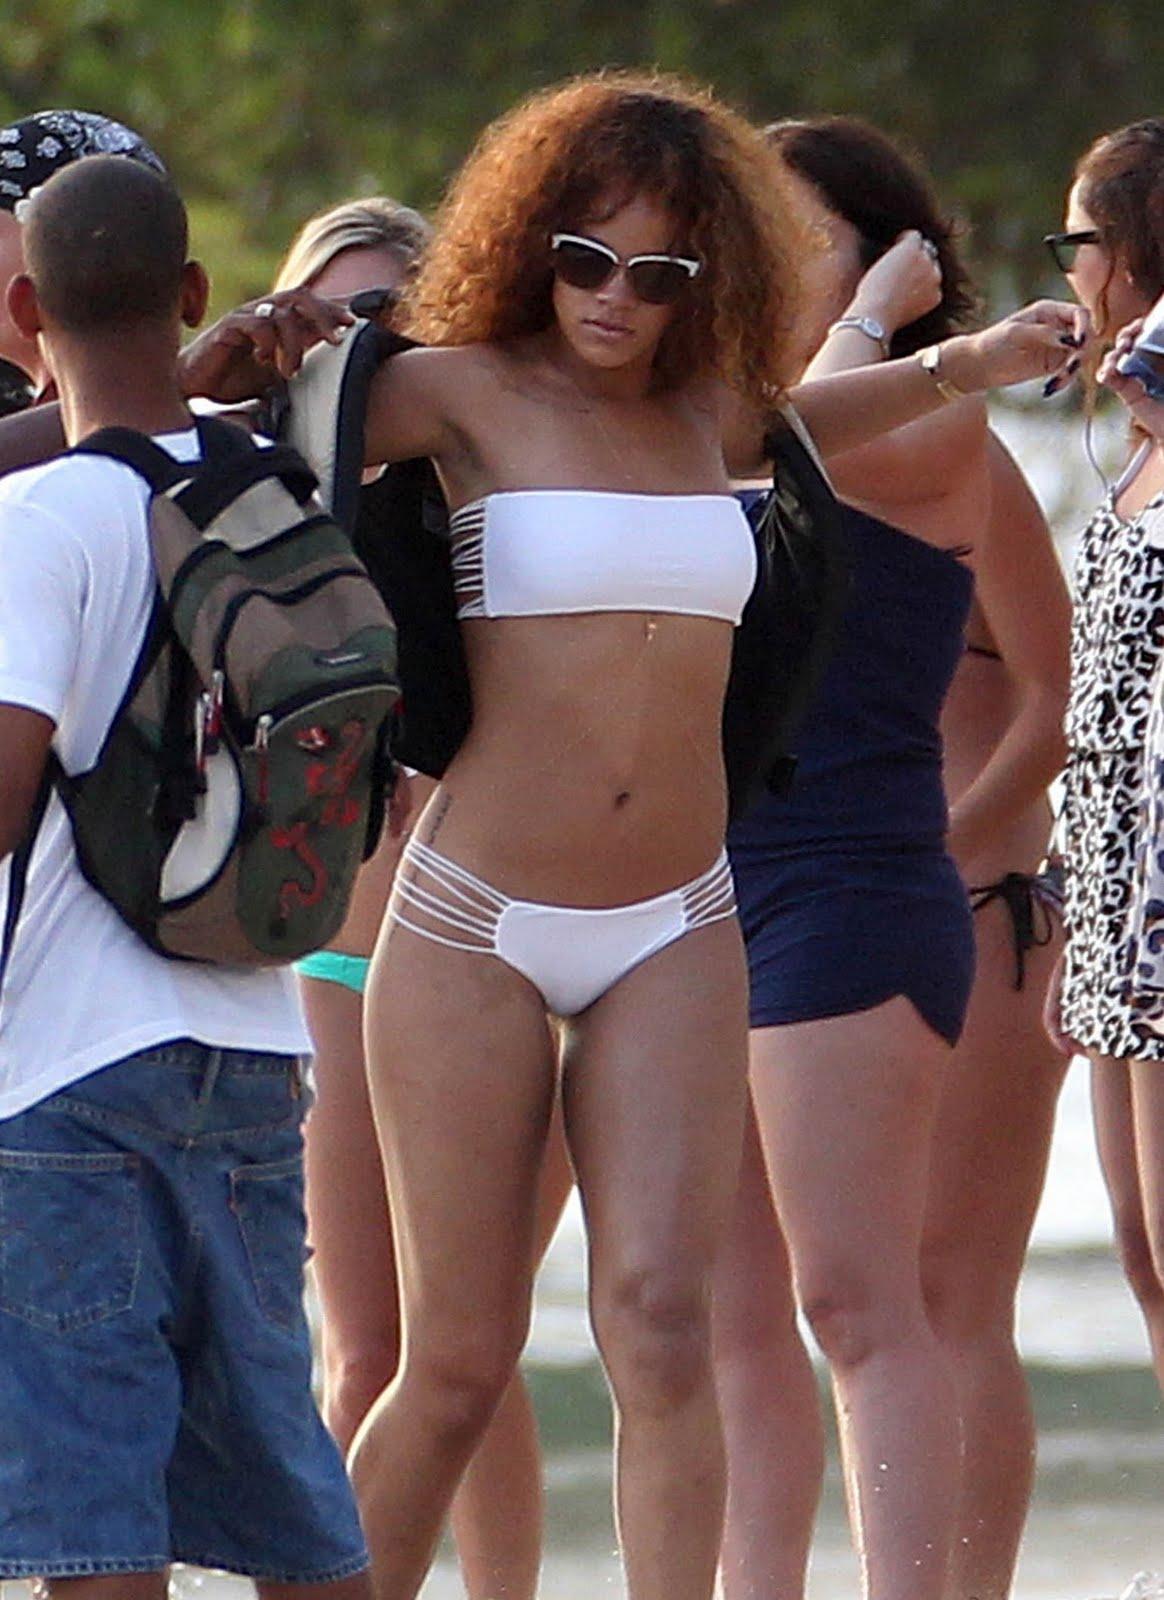 http://4.bp.blogspot.com/-teVEZwRtxCE/TjywN01GjnI/AAAAAAAAPF4/FjfSI6txrko/s1600/Rihanna-72.jpg